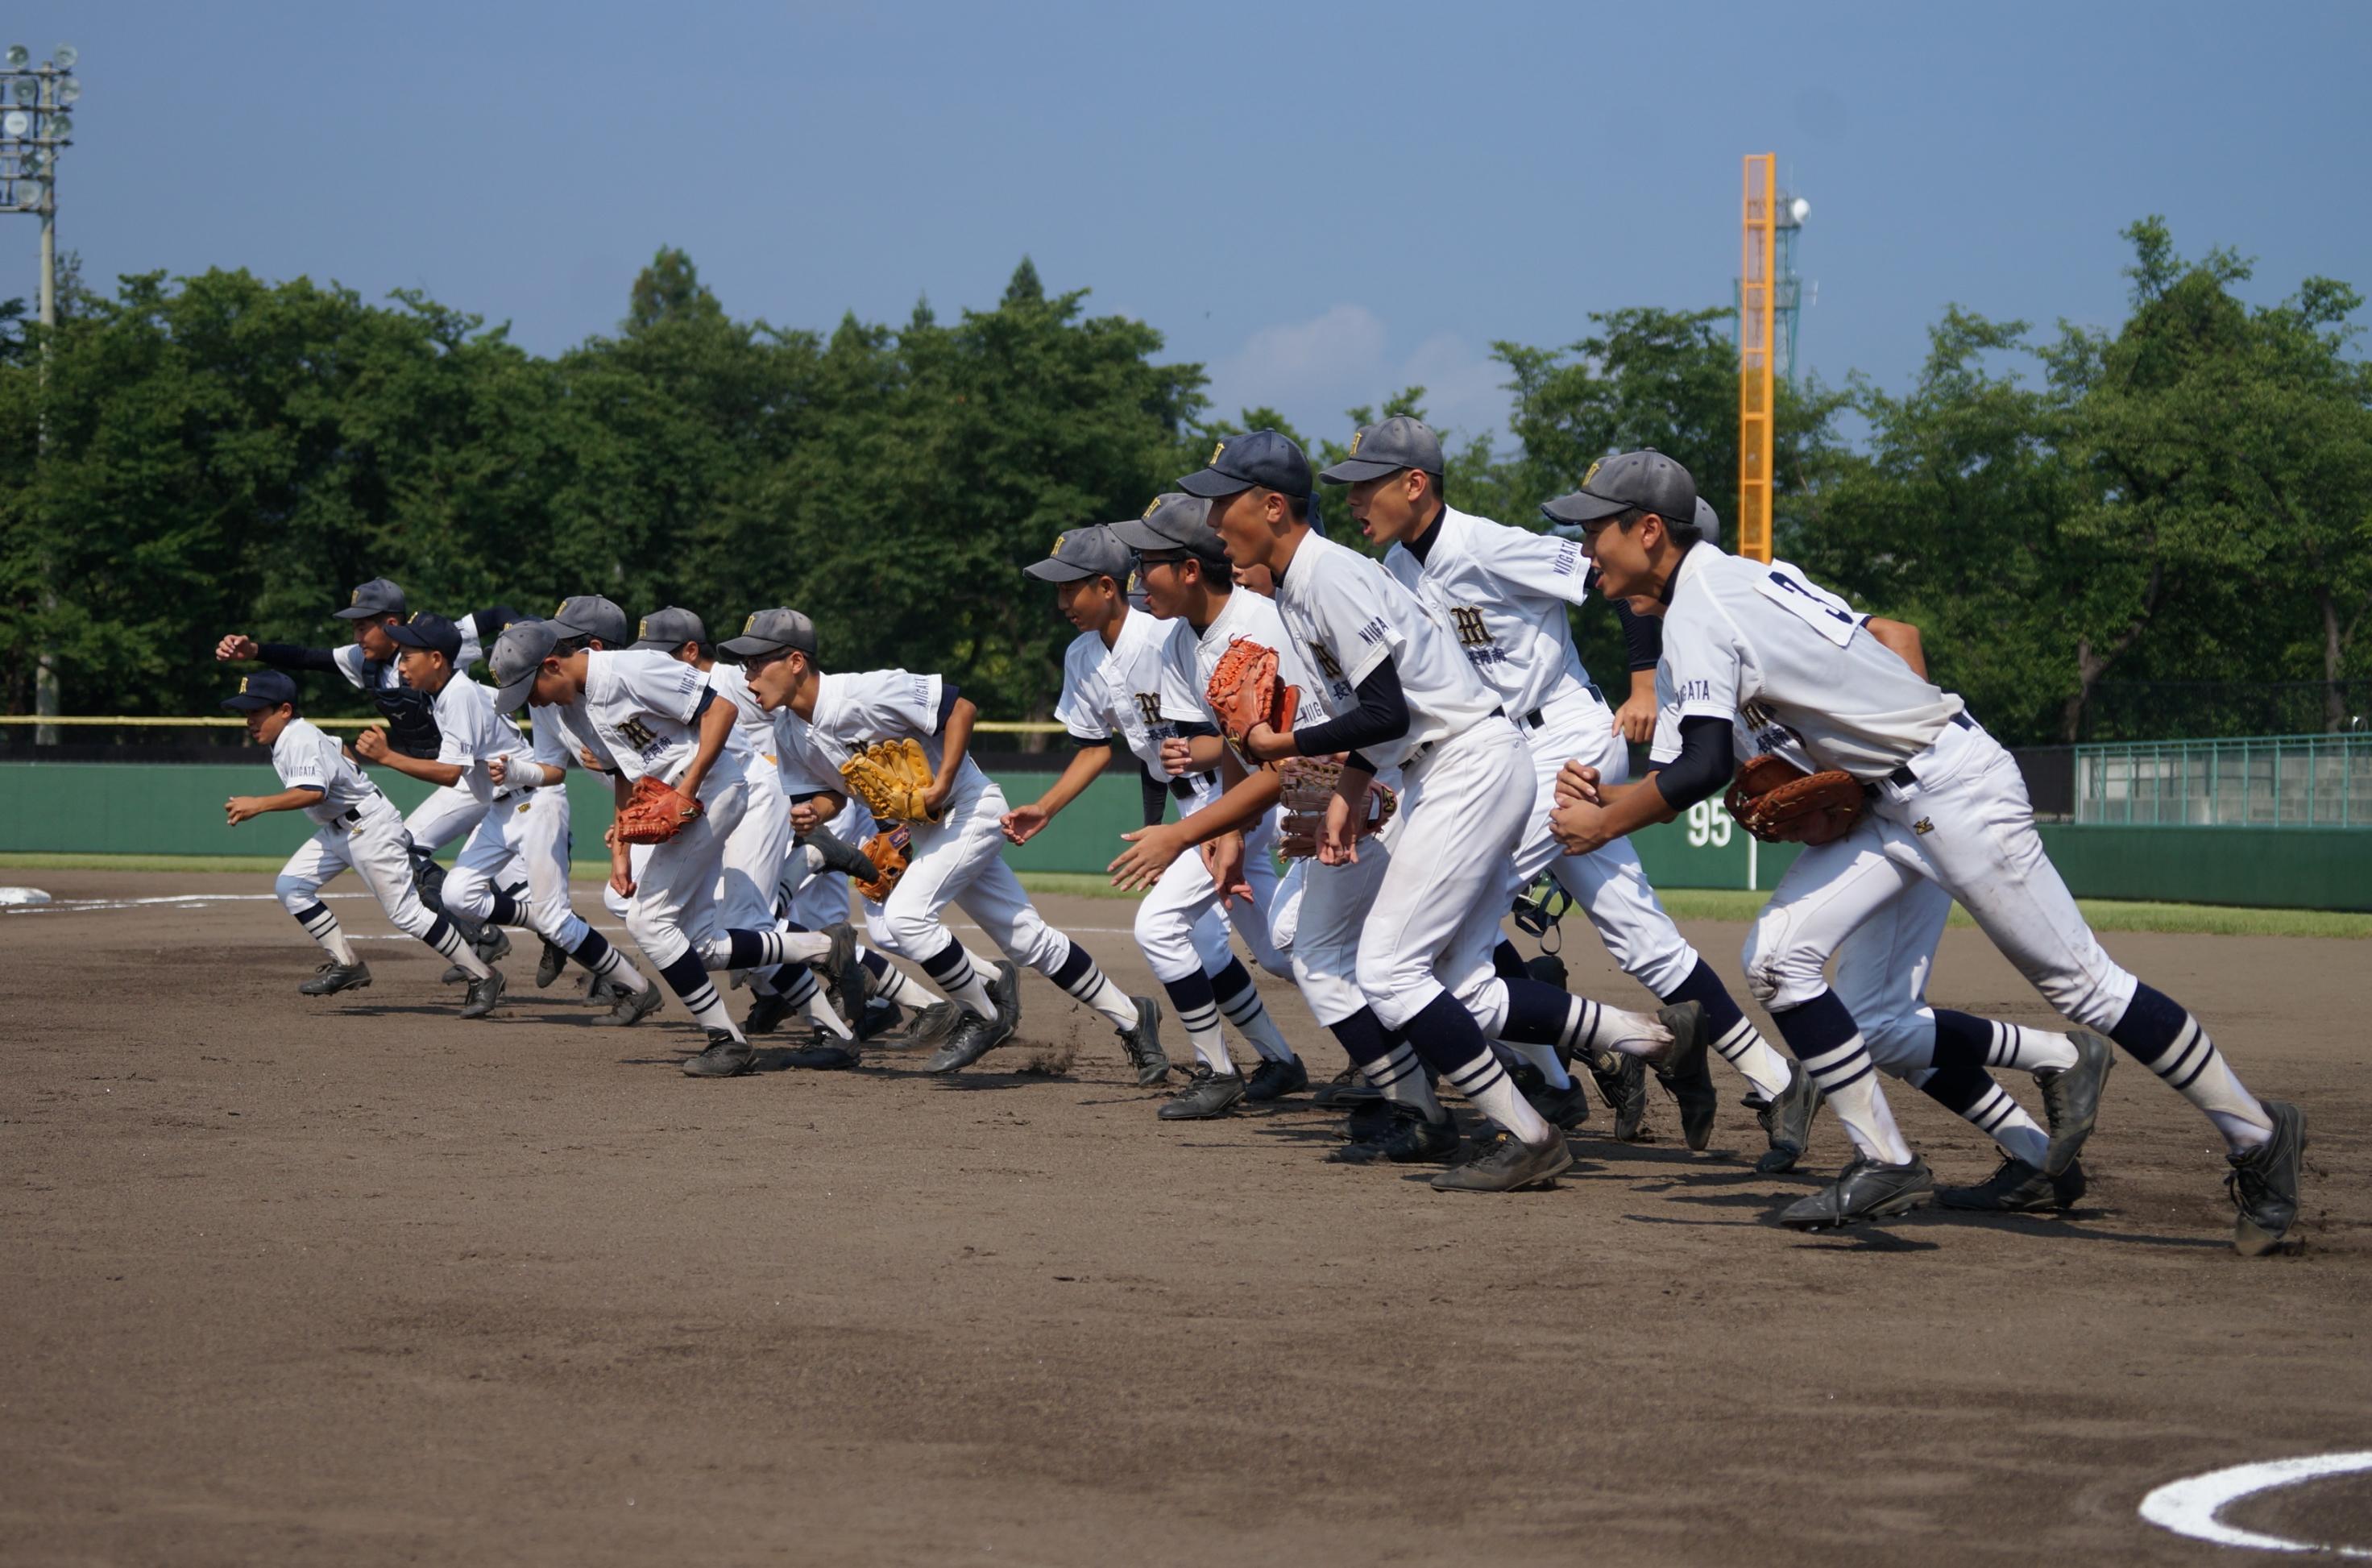 2019 全国 中学校 軟式 野球 大会